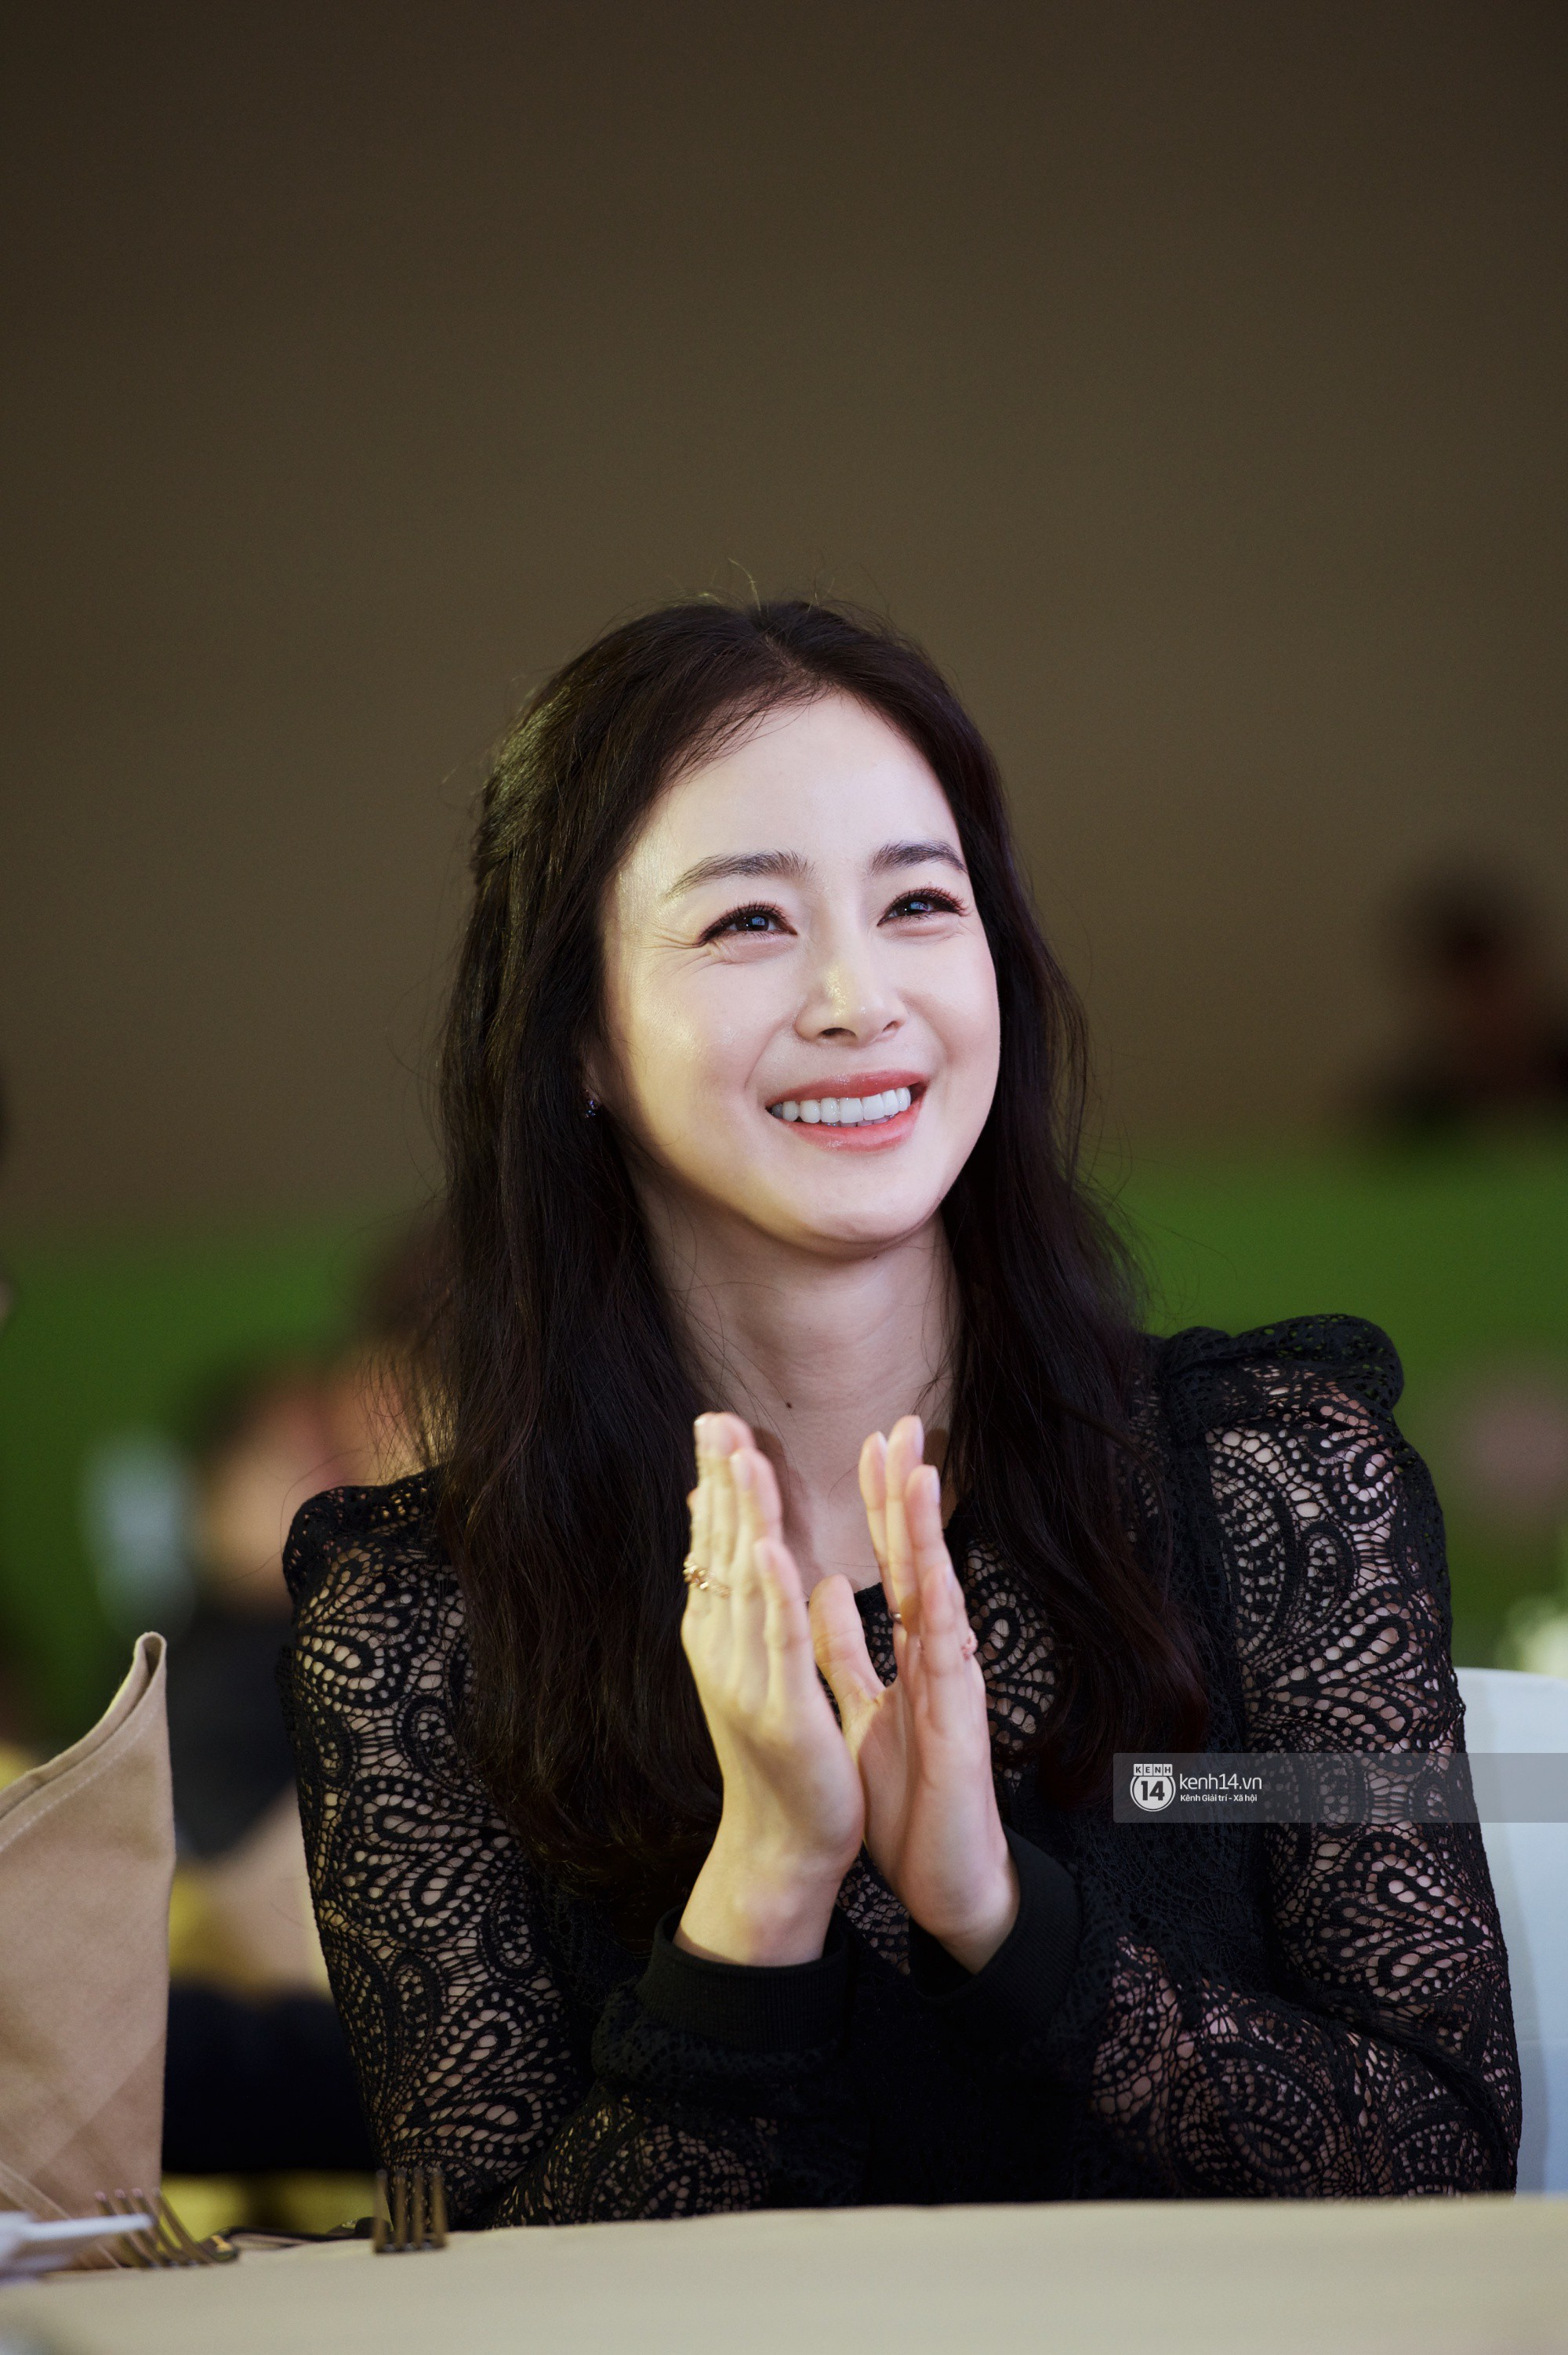 Bộ ảnh đẹp nhất của Kim Tae Hee tại đêm tiệc Hàn ở Hà Nội: Khoảnh khắc minh tinh châu Á hút hồn toàn bộ khán phòng-12